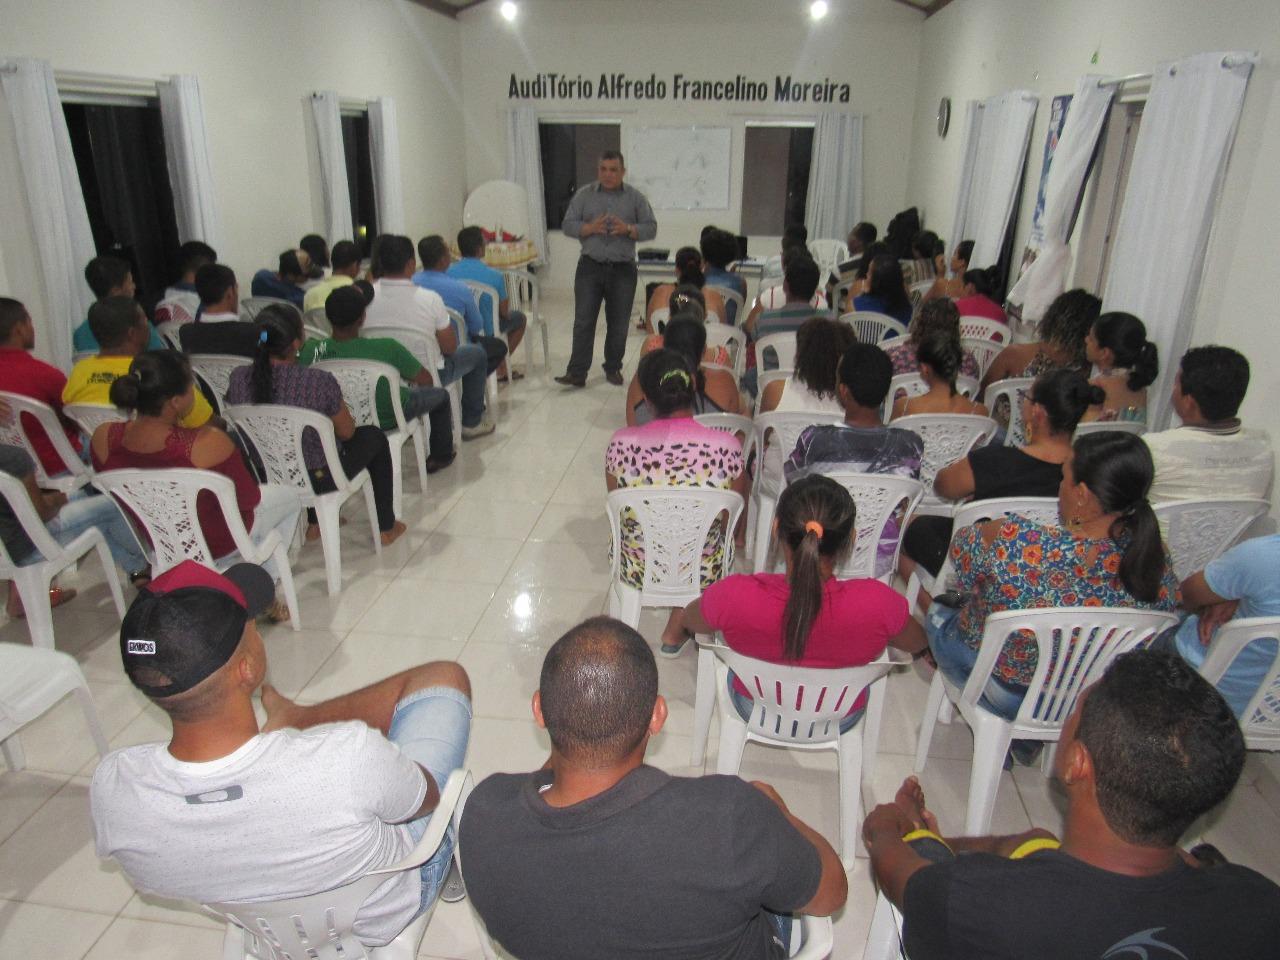 Prefeitura e Sebrae promovem palestra em Boa Vista do Tupim sobre atendimento ao cliente